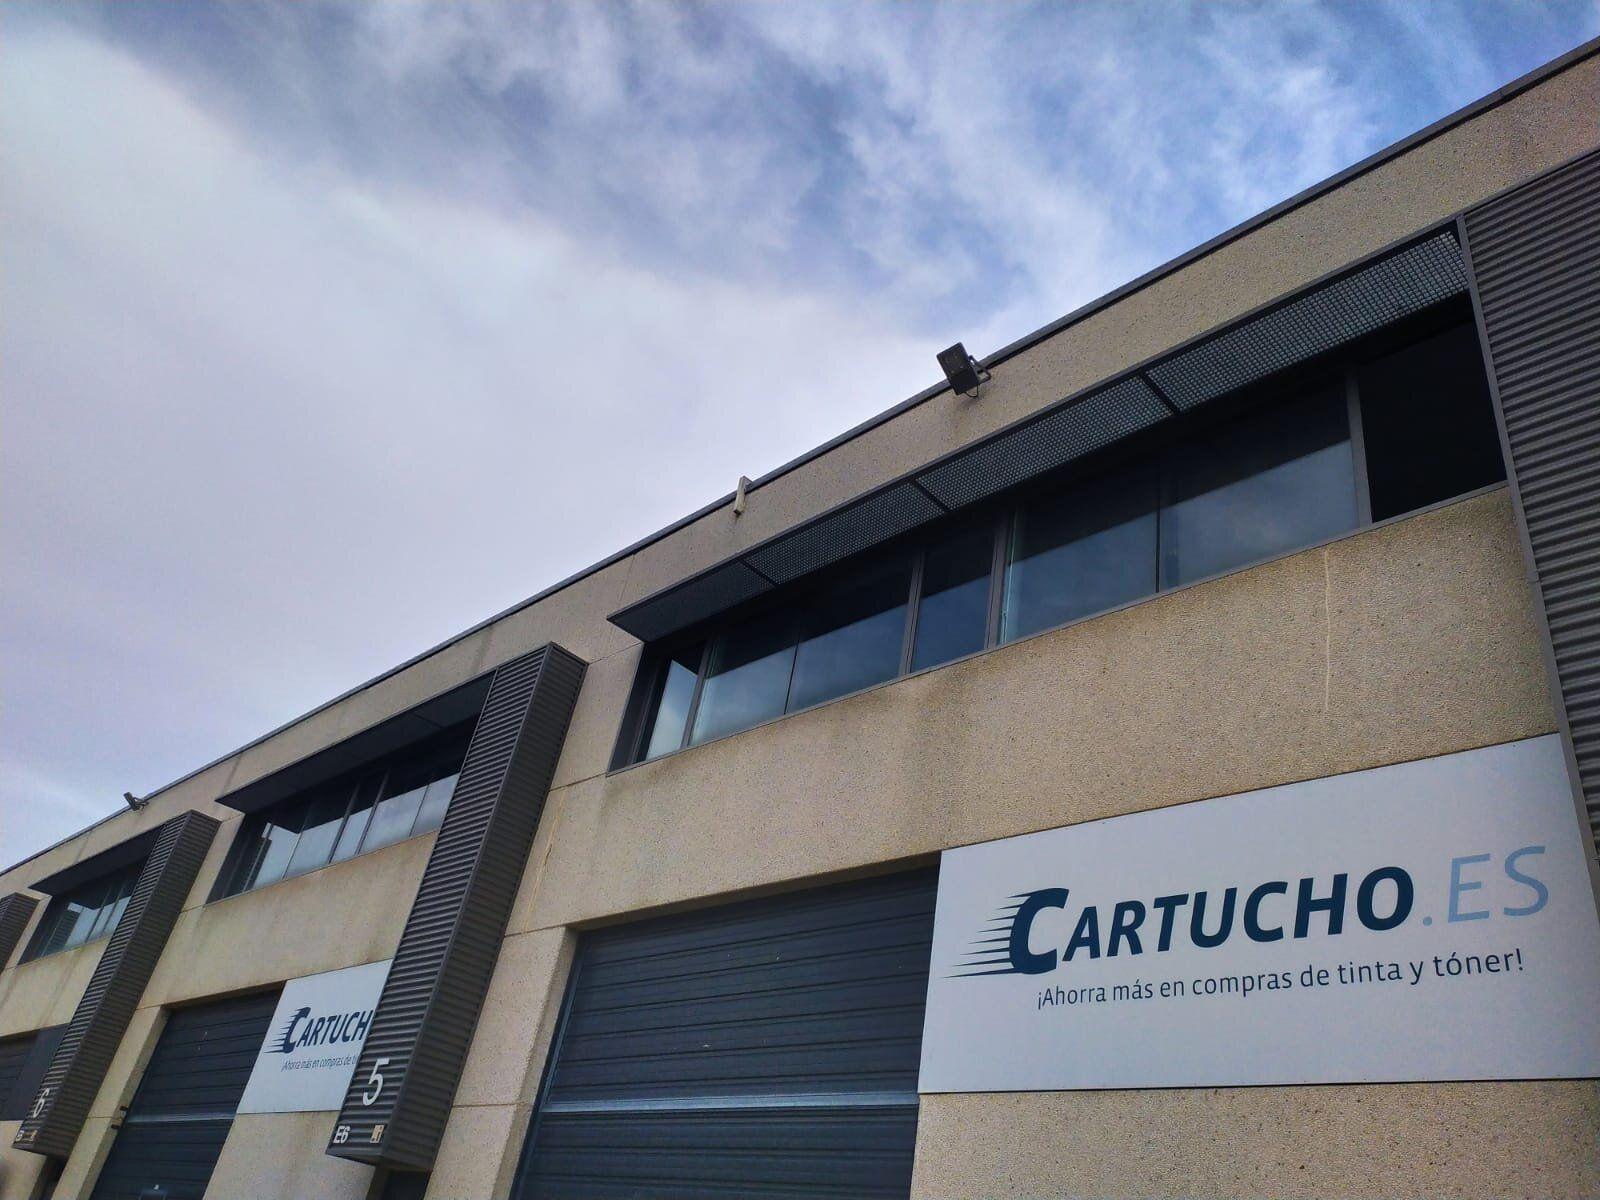 Cartucho.es celebra su noveno aniversario